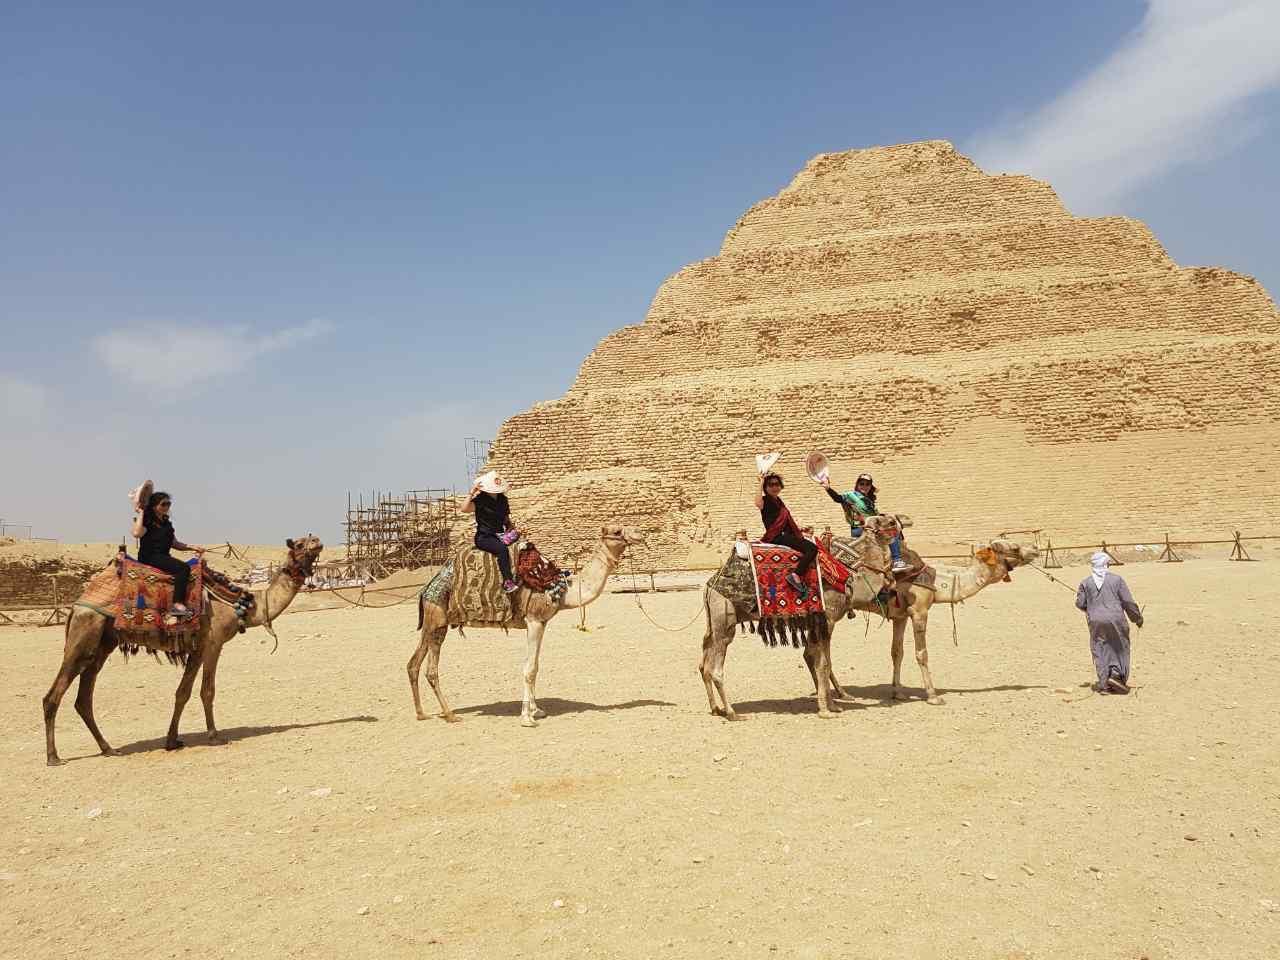 khách cưỡi lạc đà chụp ảnh cùng kim tự tháp